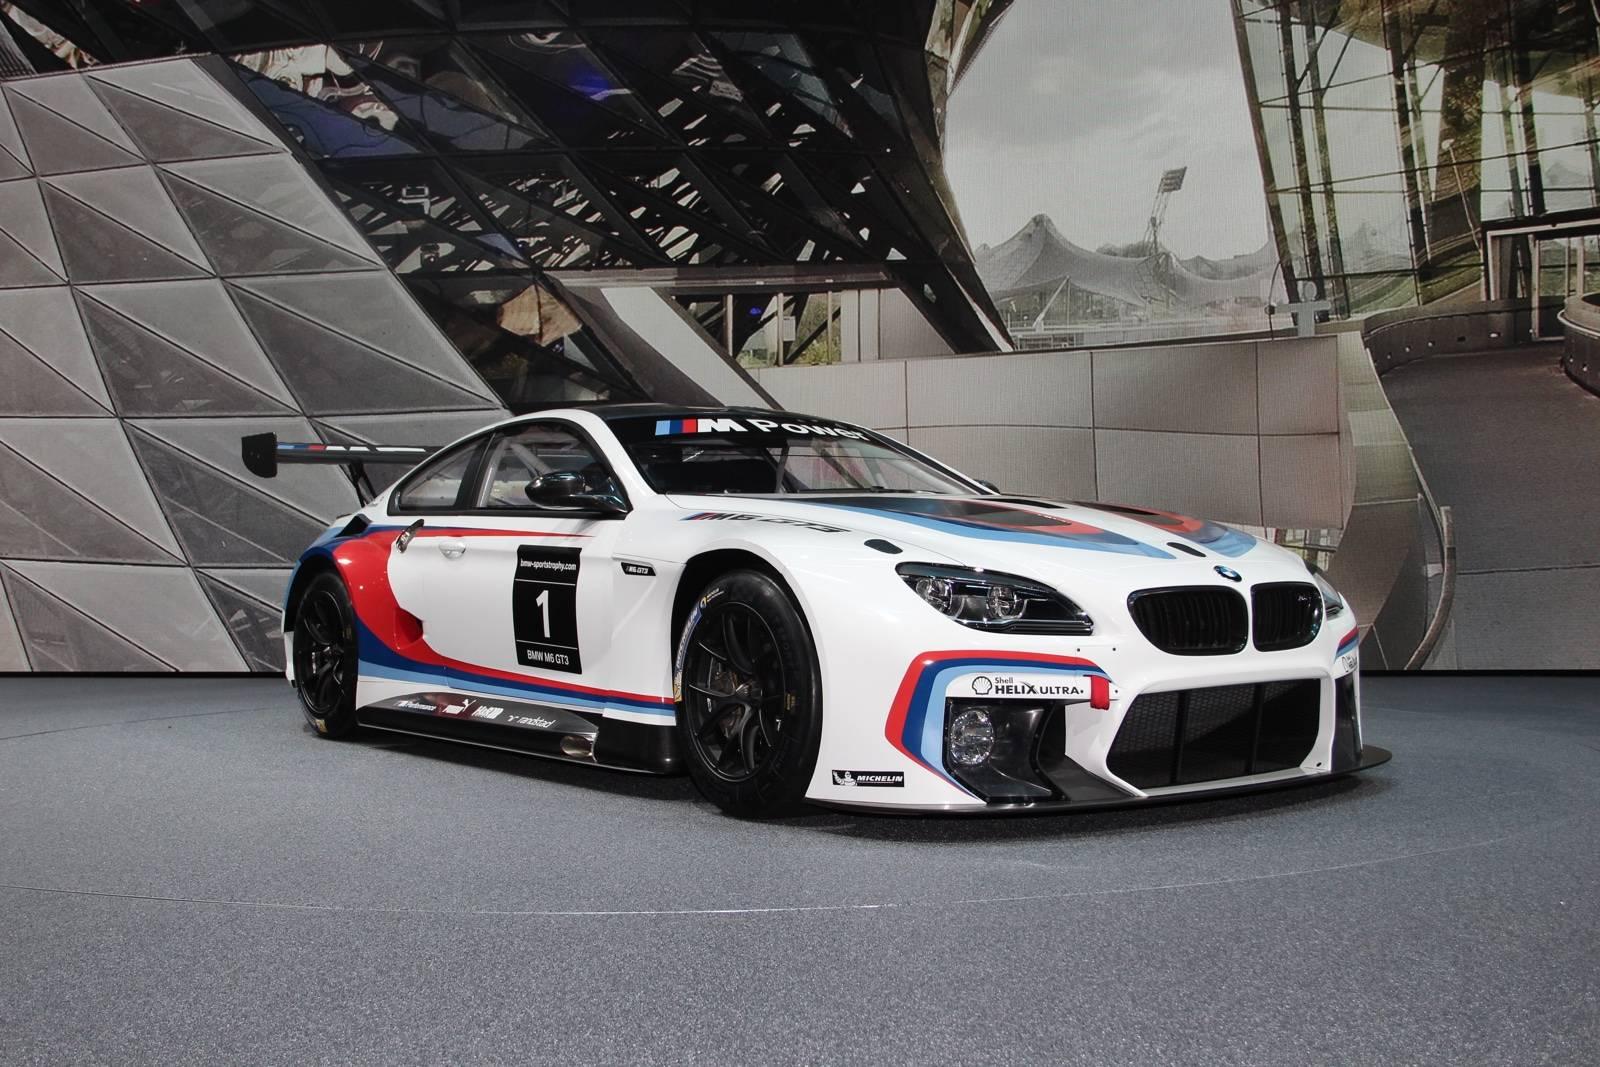 Frankfurt BMW M GT GTspirit - Fast car 361